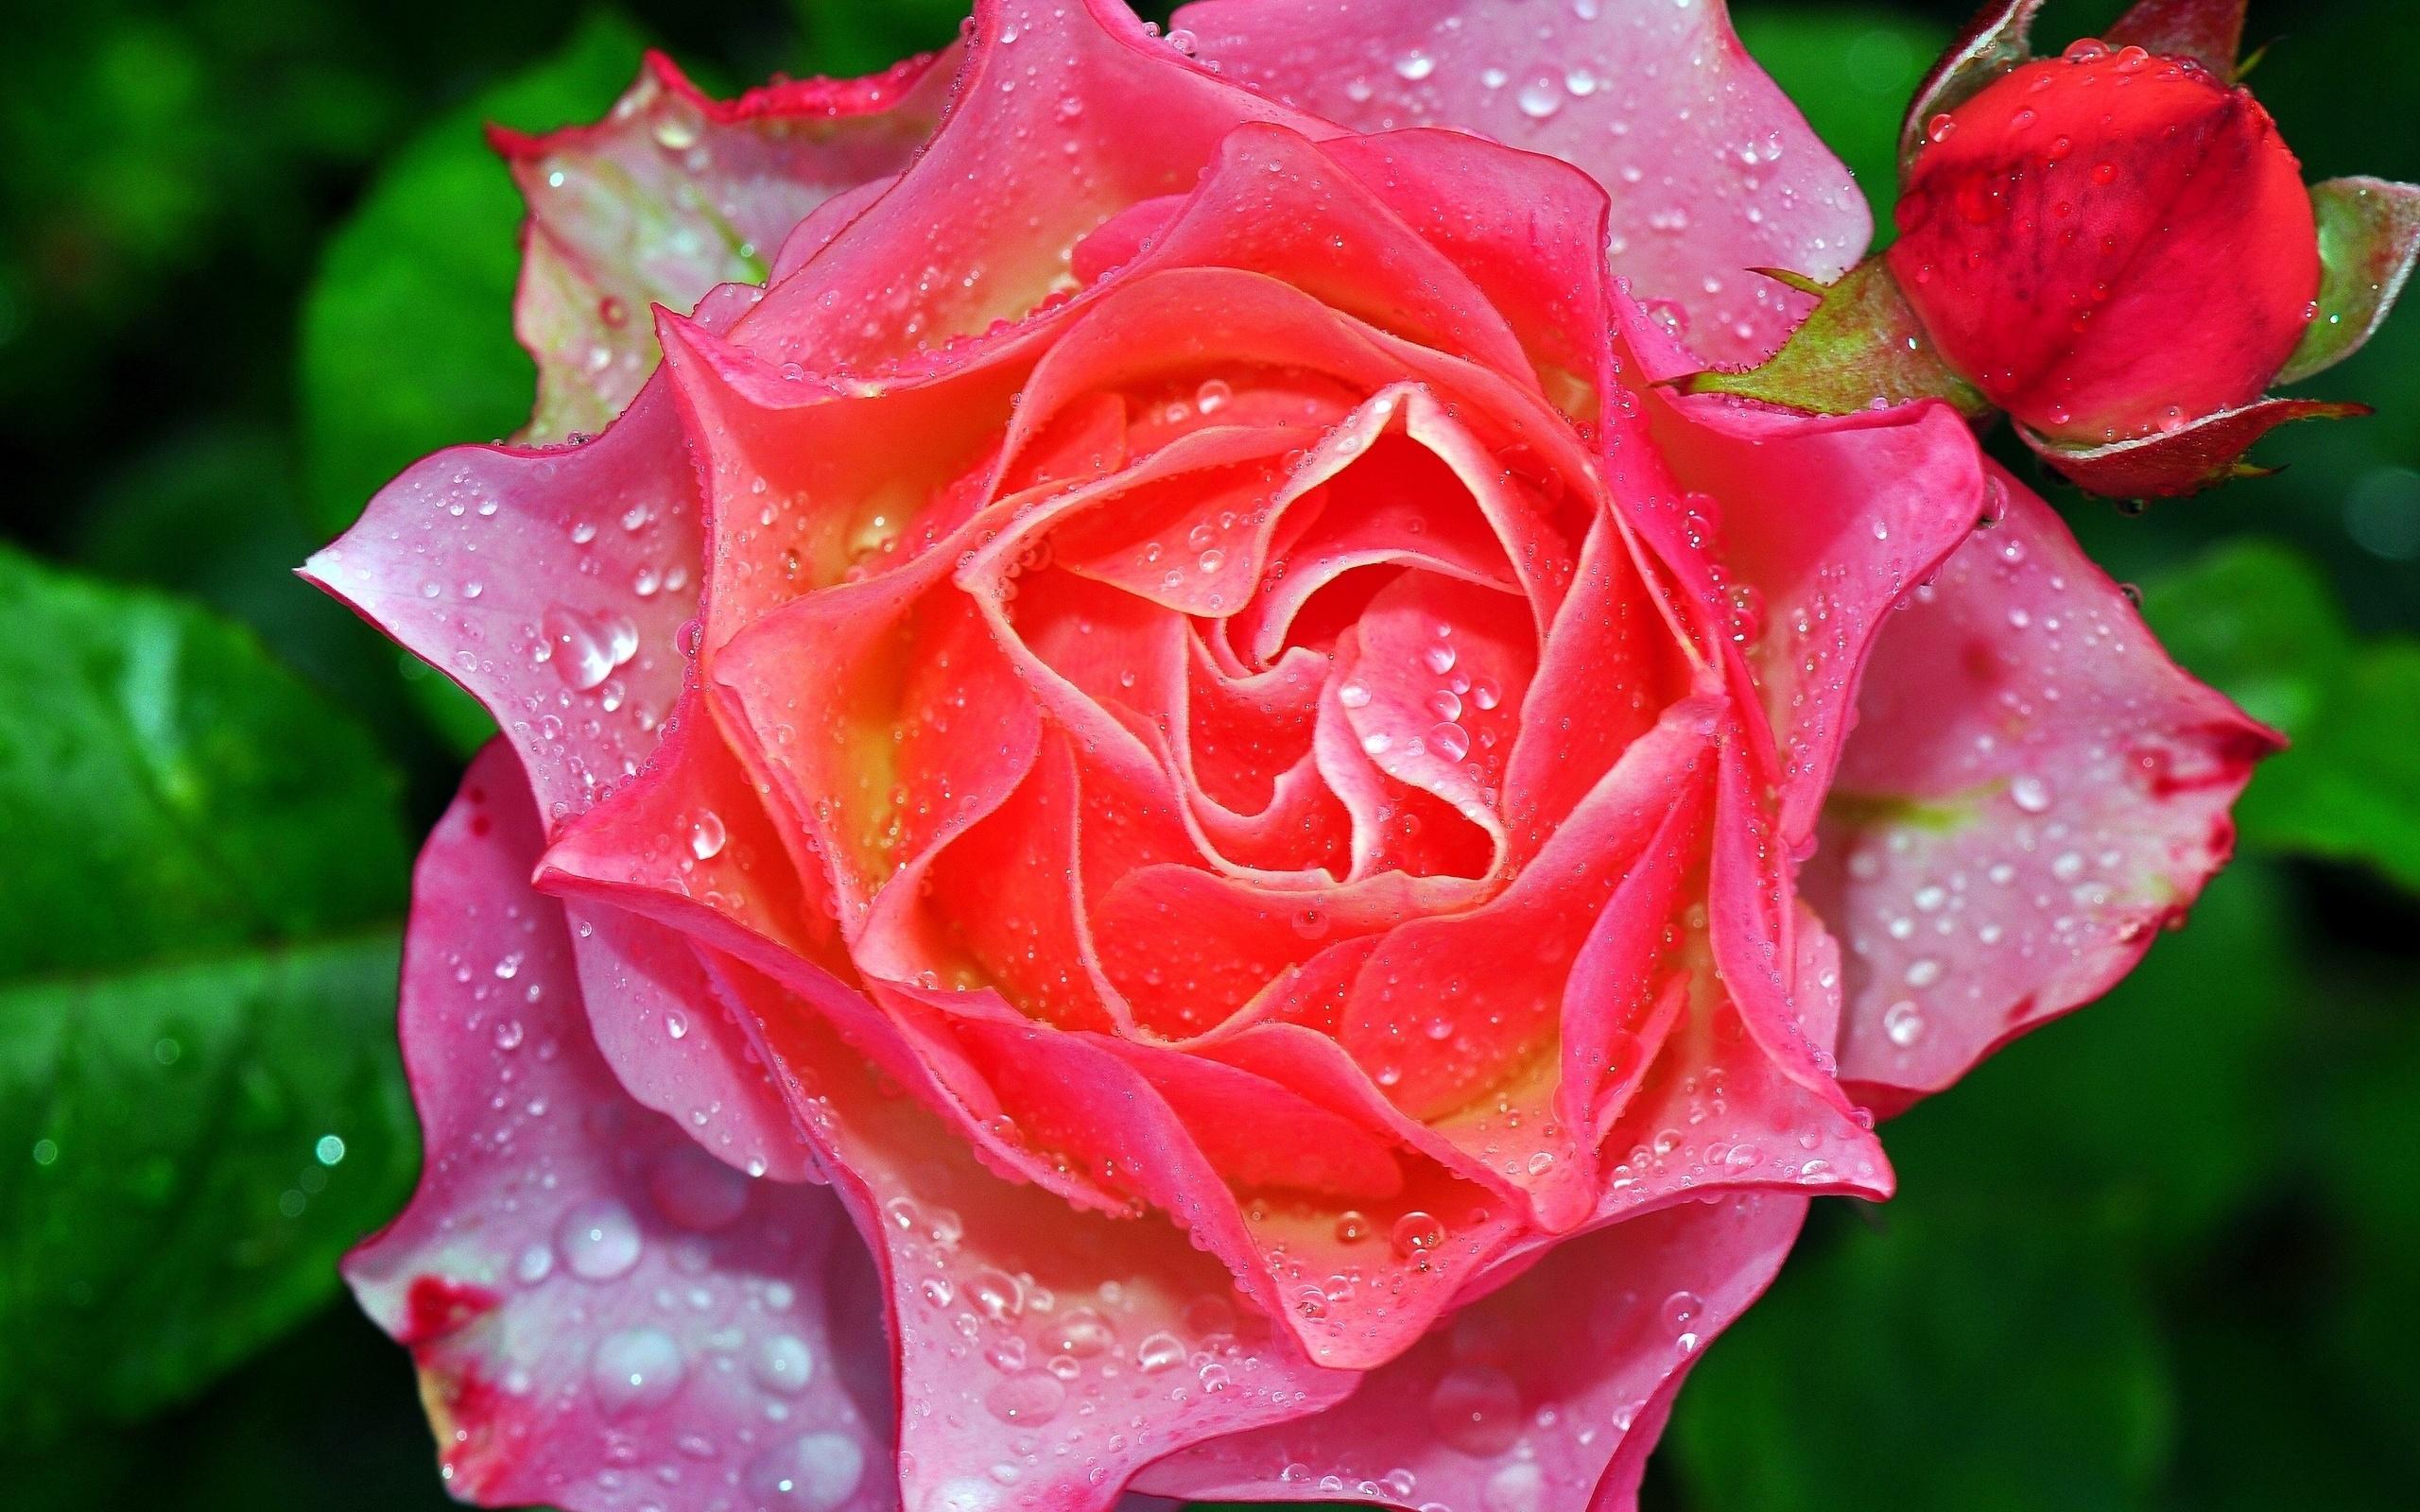 Картинка красивой розы с росой